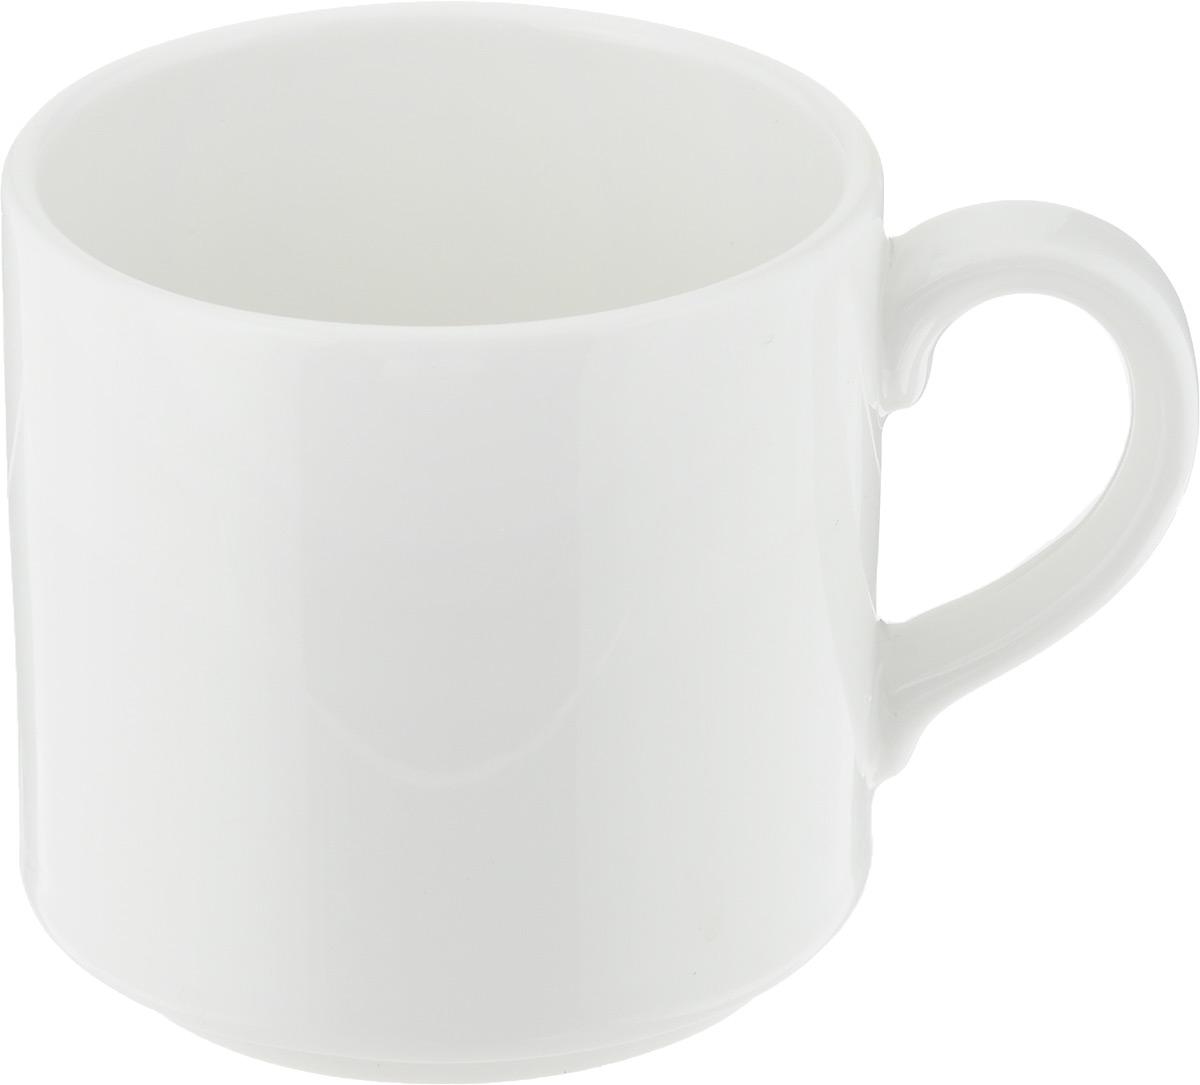 Чашка чайная Ariane Прайм, 200 млAPRARN41020Чашка Ariane Прайм выполнена из высококачественного фарфора с глазурованным покрытием. Изделие оснащено удобной ручкой. Изысканная чашка прекрасно оформит стол к чаепитию и станет его неизменным атрибутом. Можно мыть в посудомоечной машине и использовать в СВЧ. Диаметр чашки (по верхнему краю): 7,5 см. Высота чашки: 7 см.